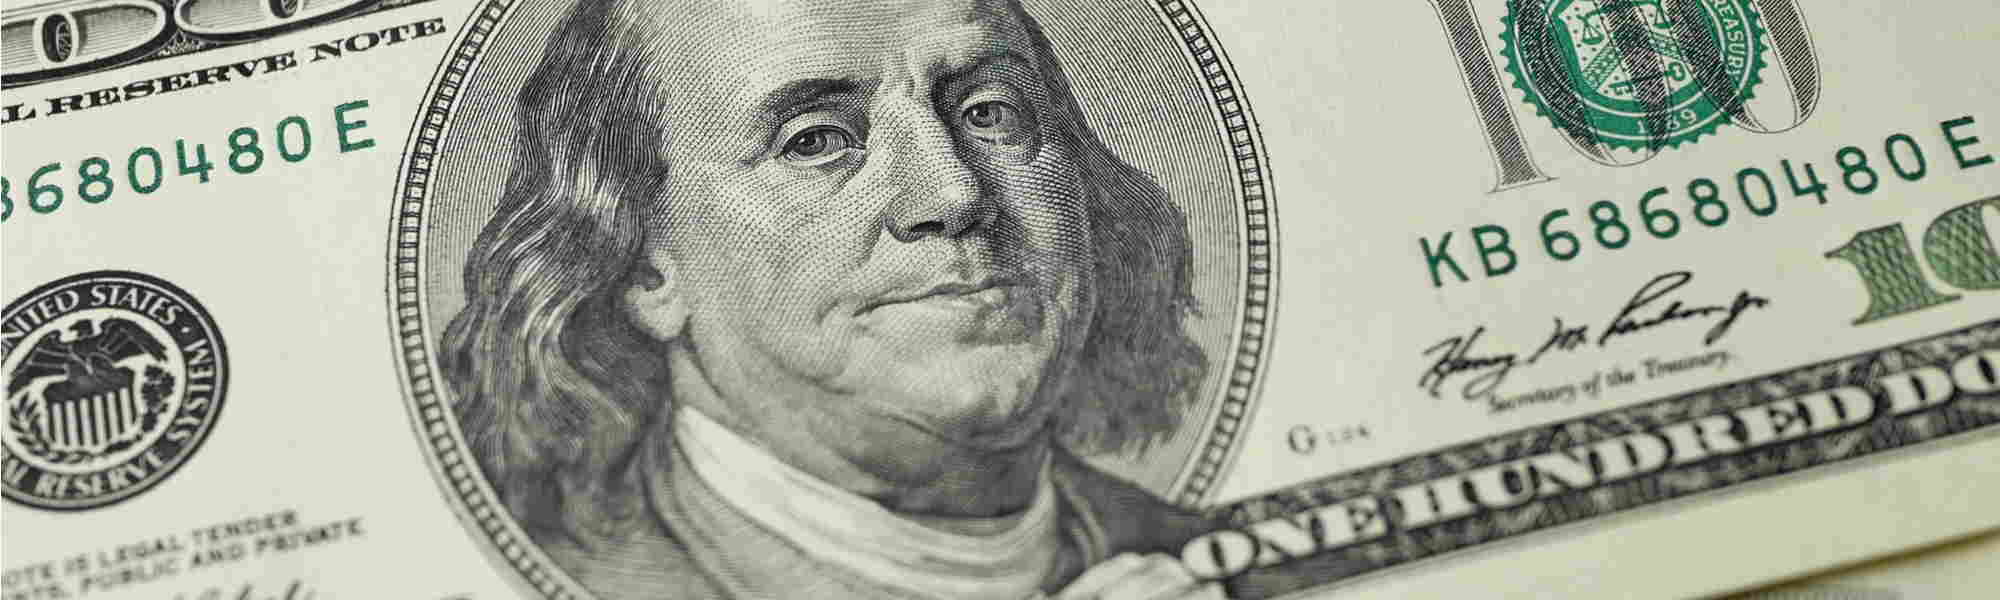 hundred bill